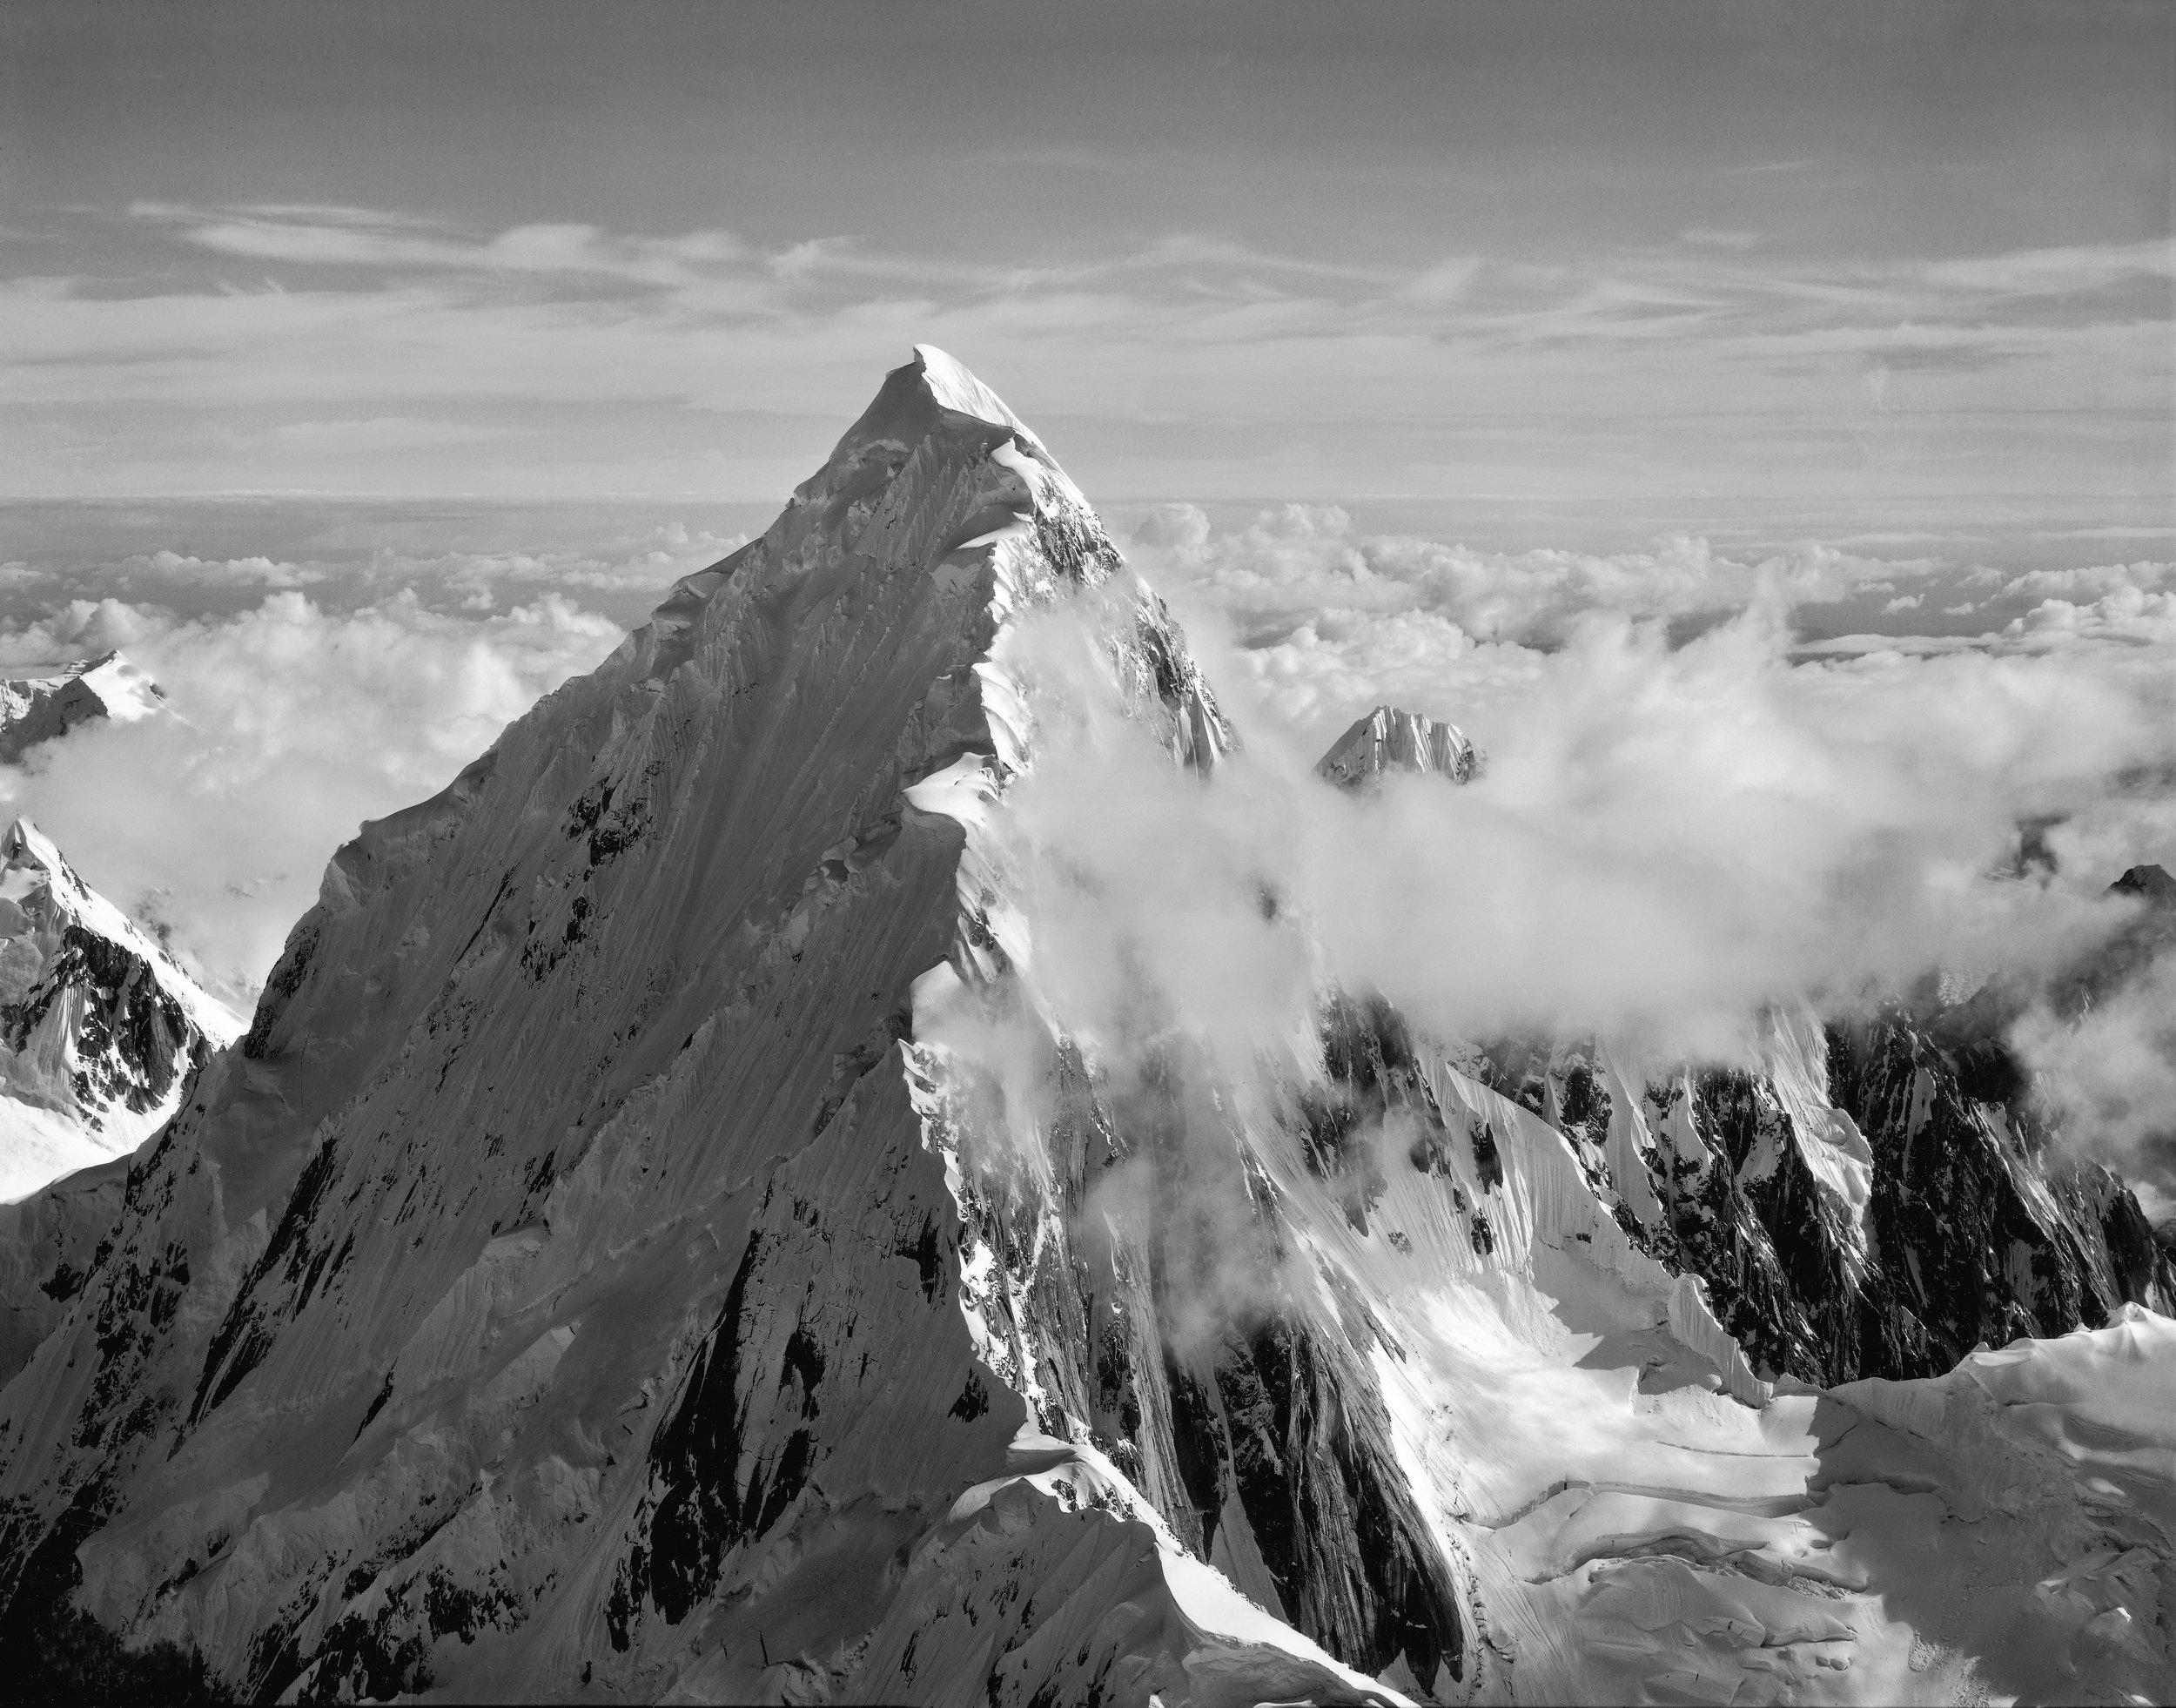 West Ridge of Mount Huntington, Alaska